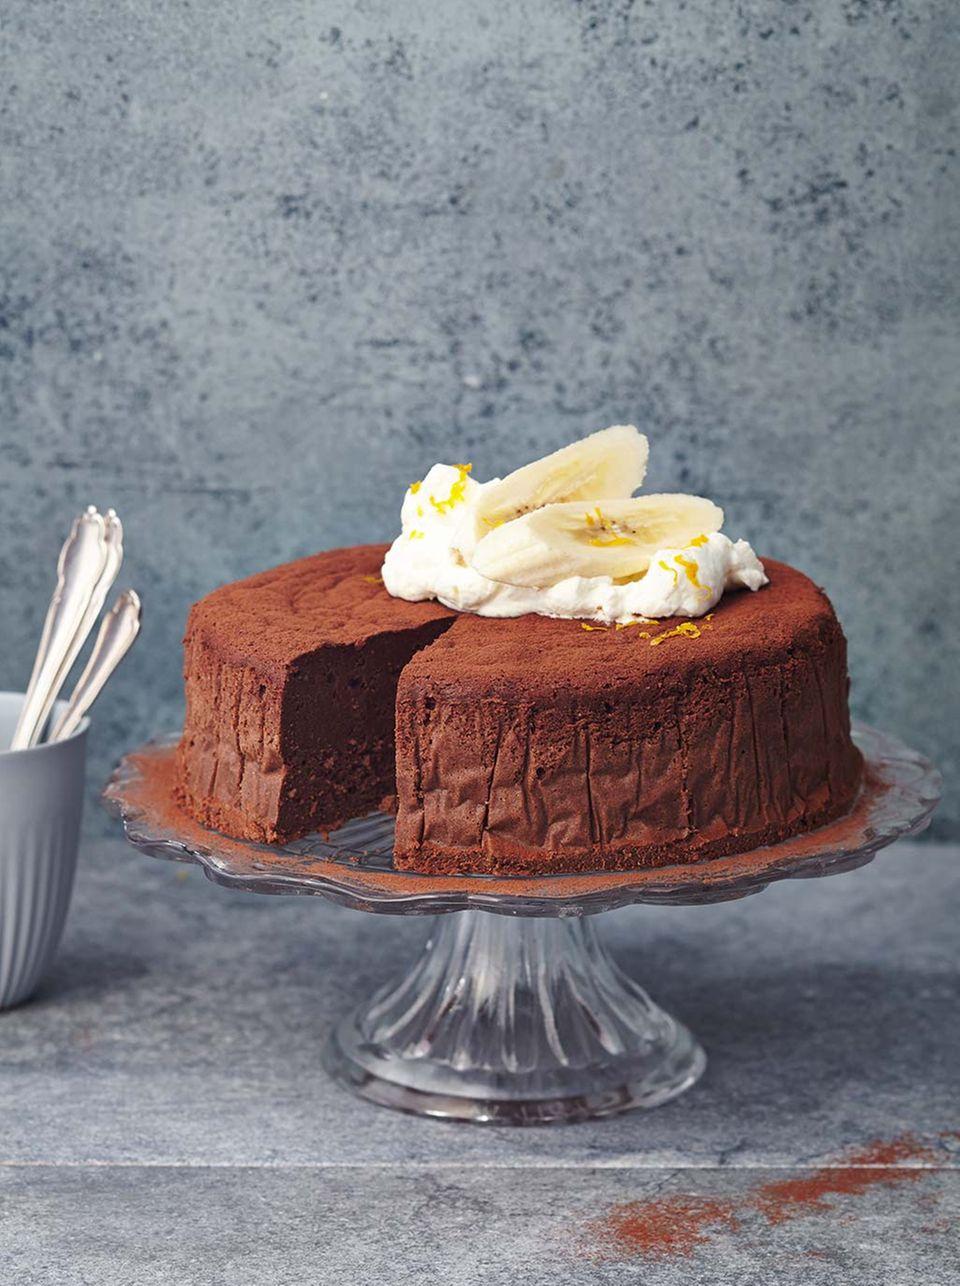 Kommt ohne Zucker aus: der Bananen-Schoko-Mousse-Kuchen wird ausschließlich mit Datteln und Bananen gesüßt